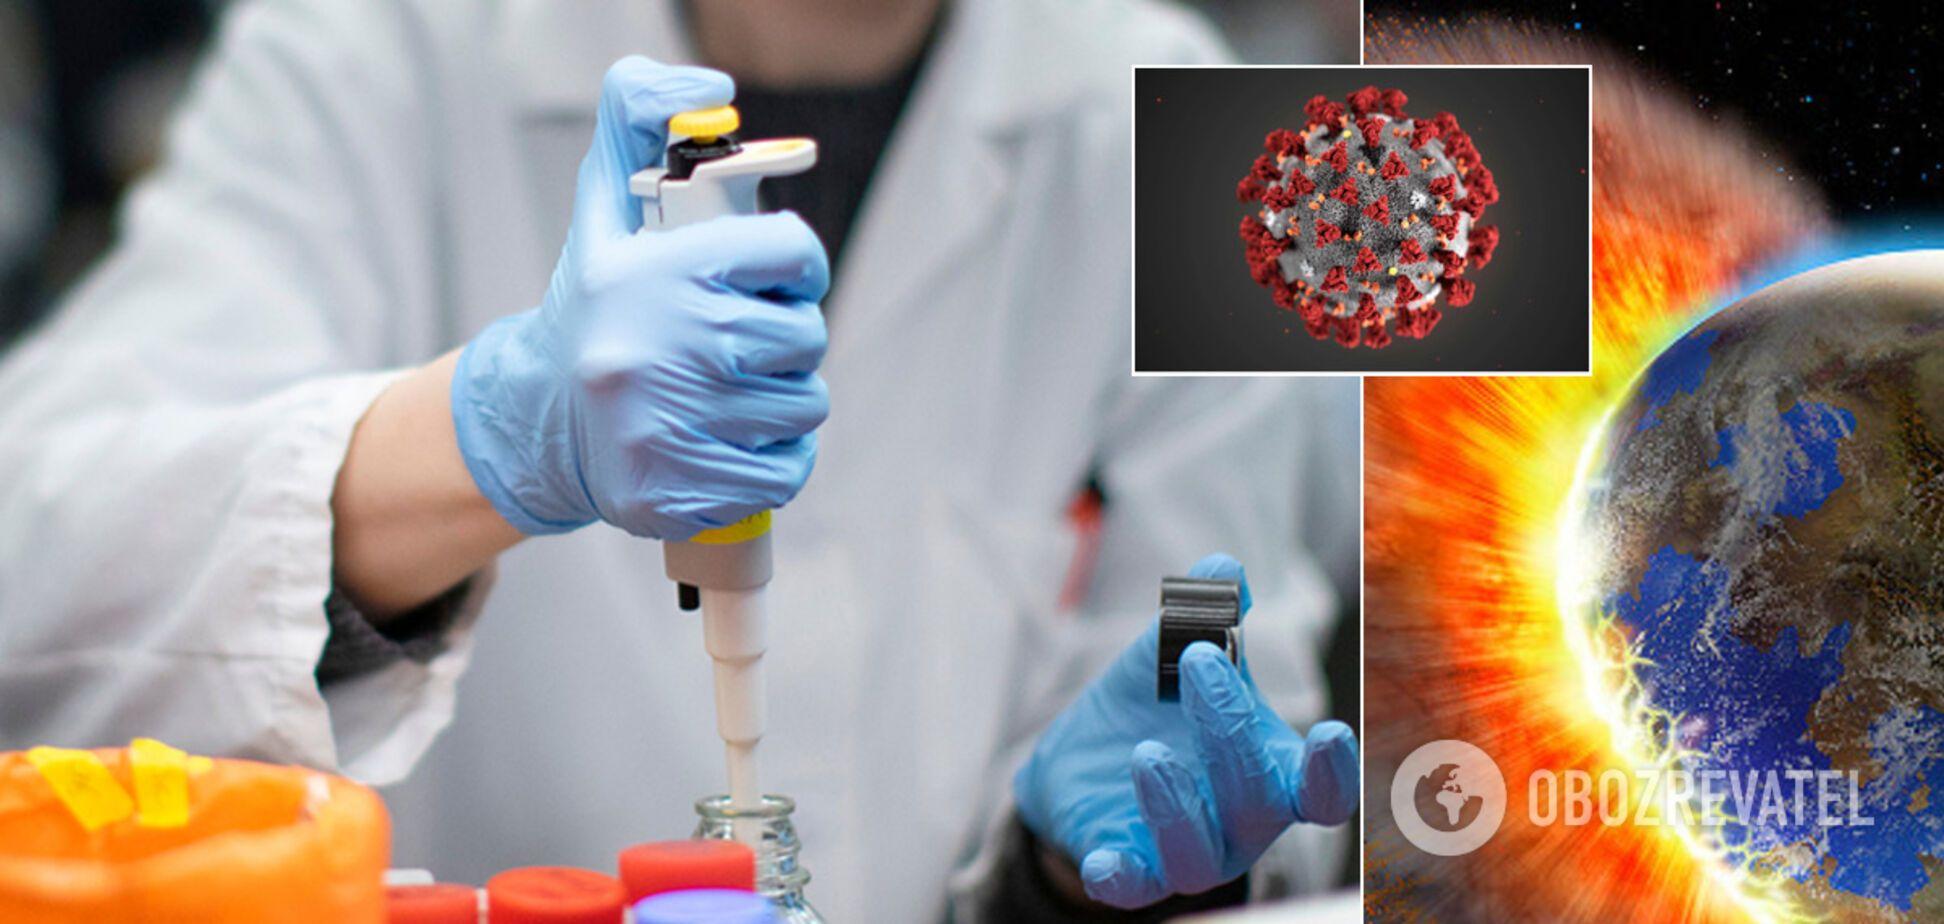 Про війну після пандемії, кінець світу і 'витік' коронавірусу із лабораторії Уханя: інтерв'ю з істориком Зубовим